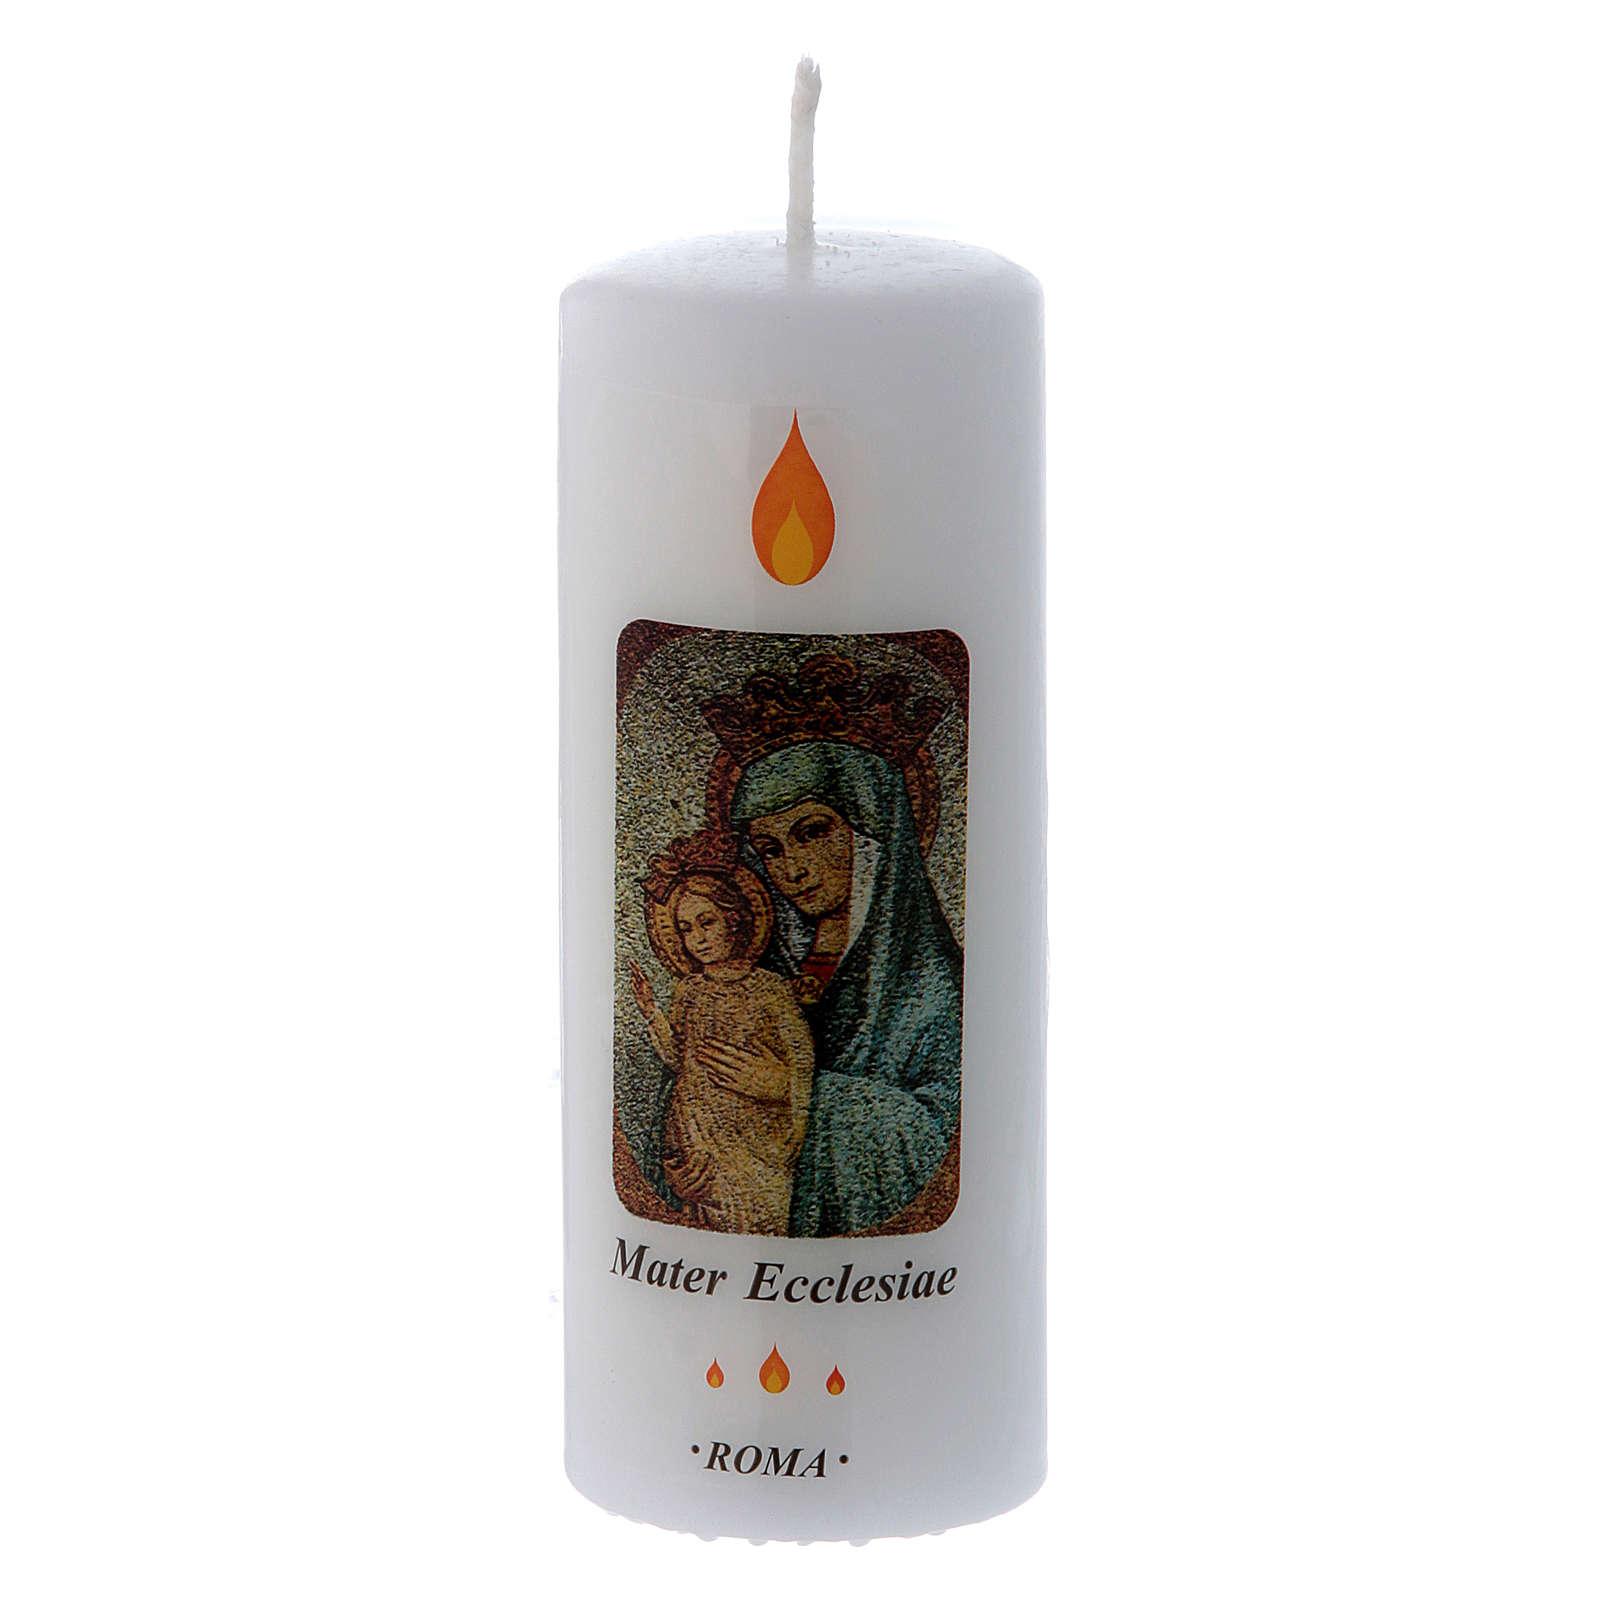 Candle Mater Ecclesiae Roma 13x5 cm 3